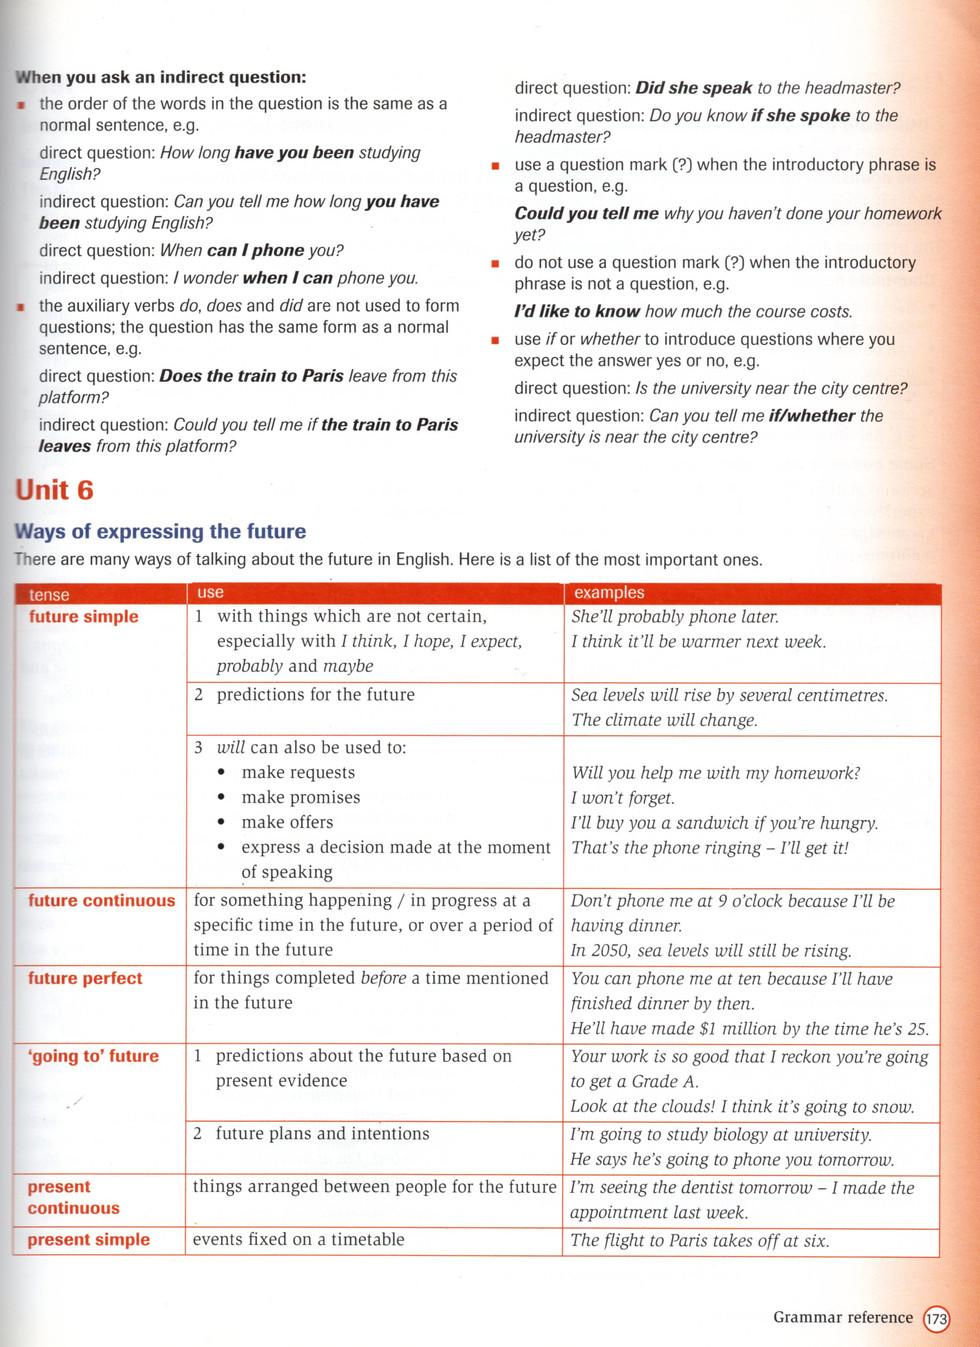 Libro Cambridge First Gramatica005.jpg